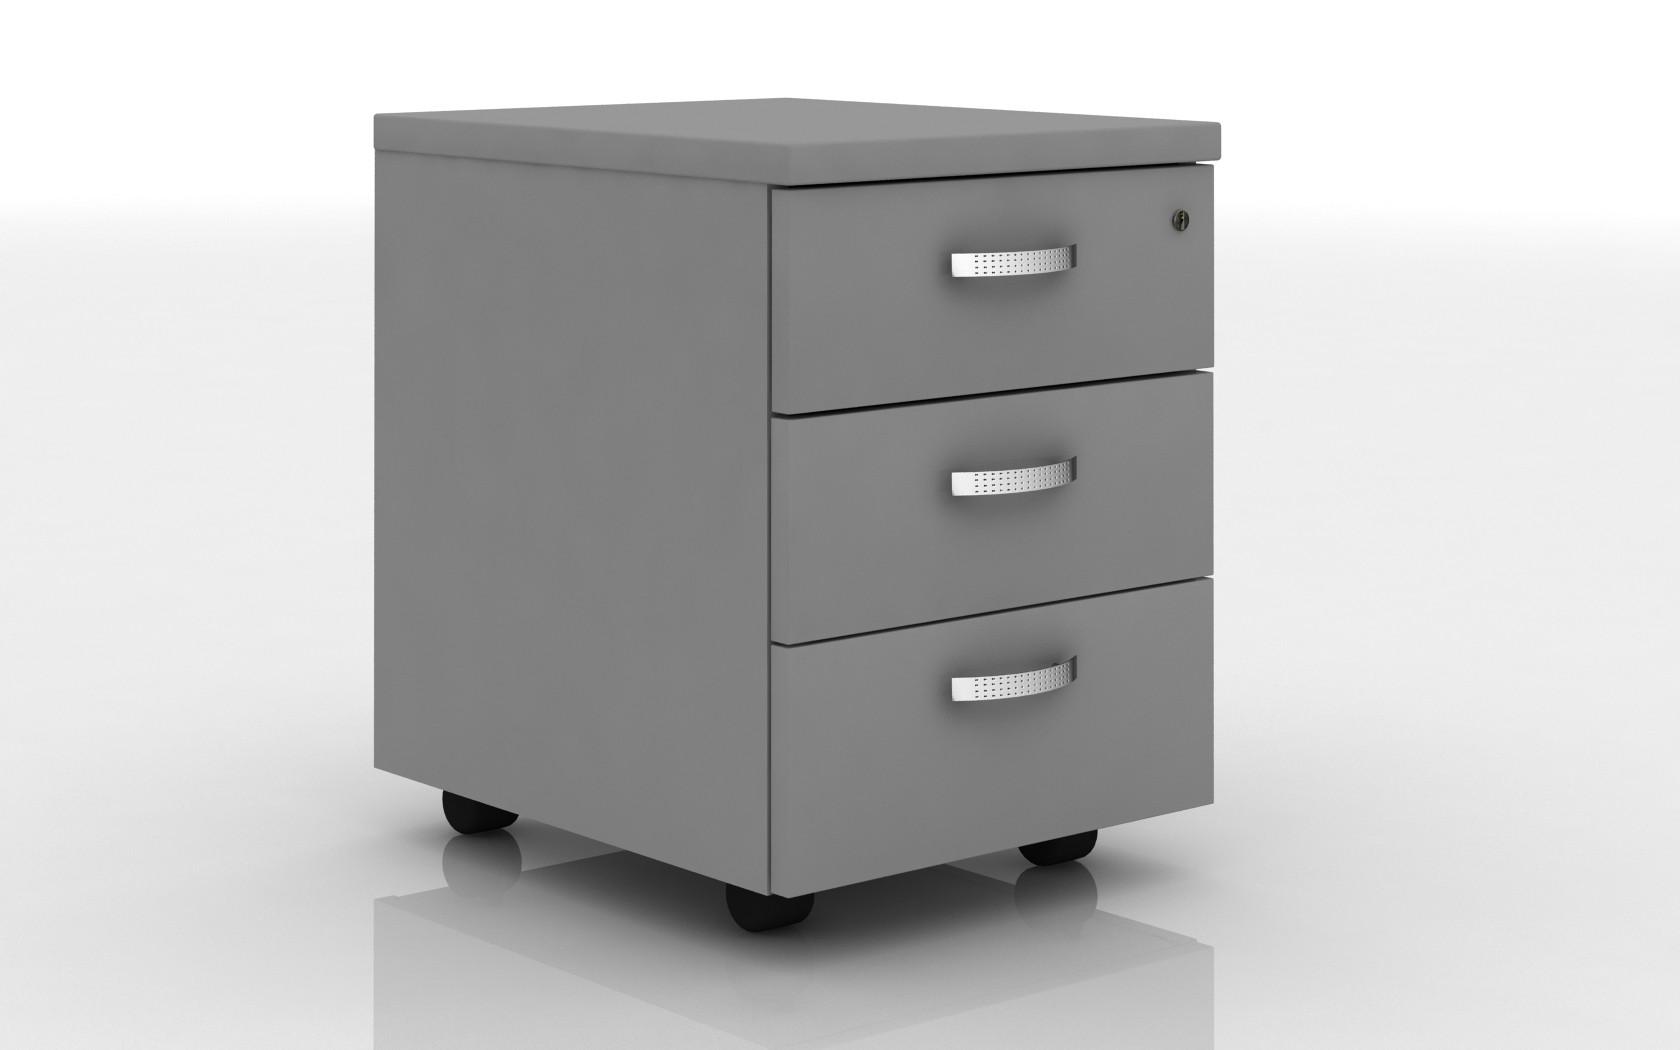 caisson mobile pour bureau r glable en hauteur achat caisson 226 00. Black Bedroom Furniture Sets. Home Design Ideas